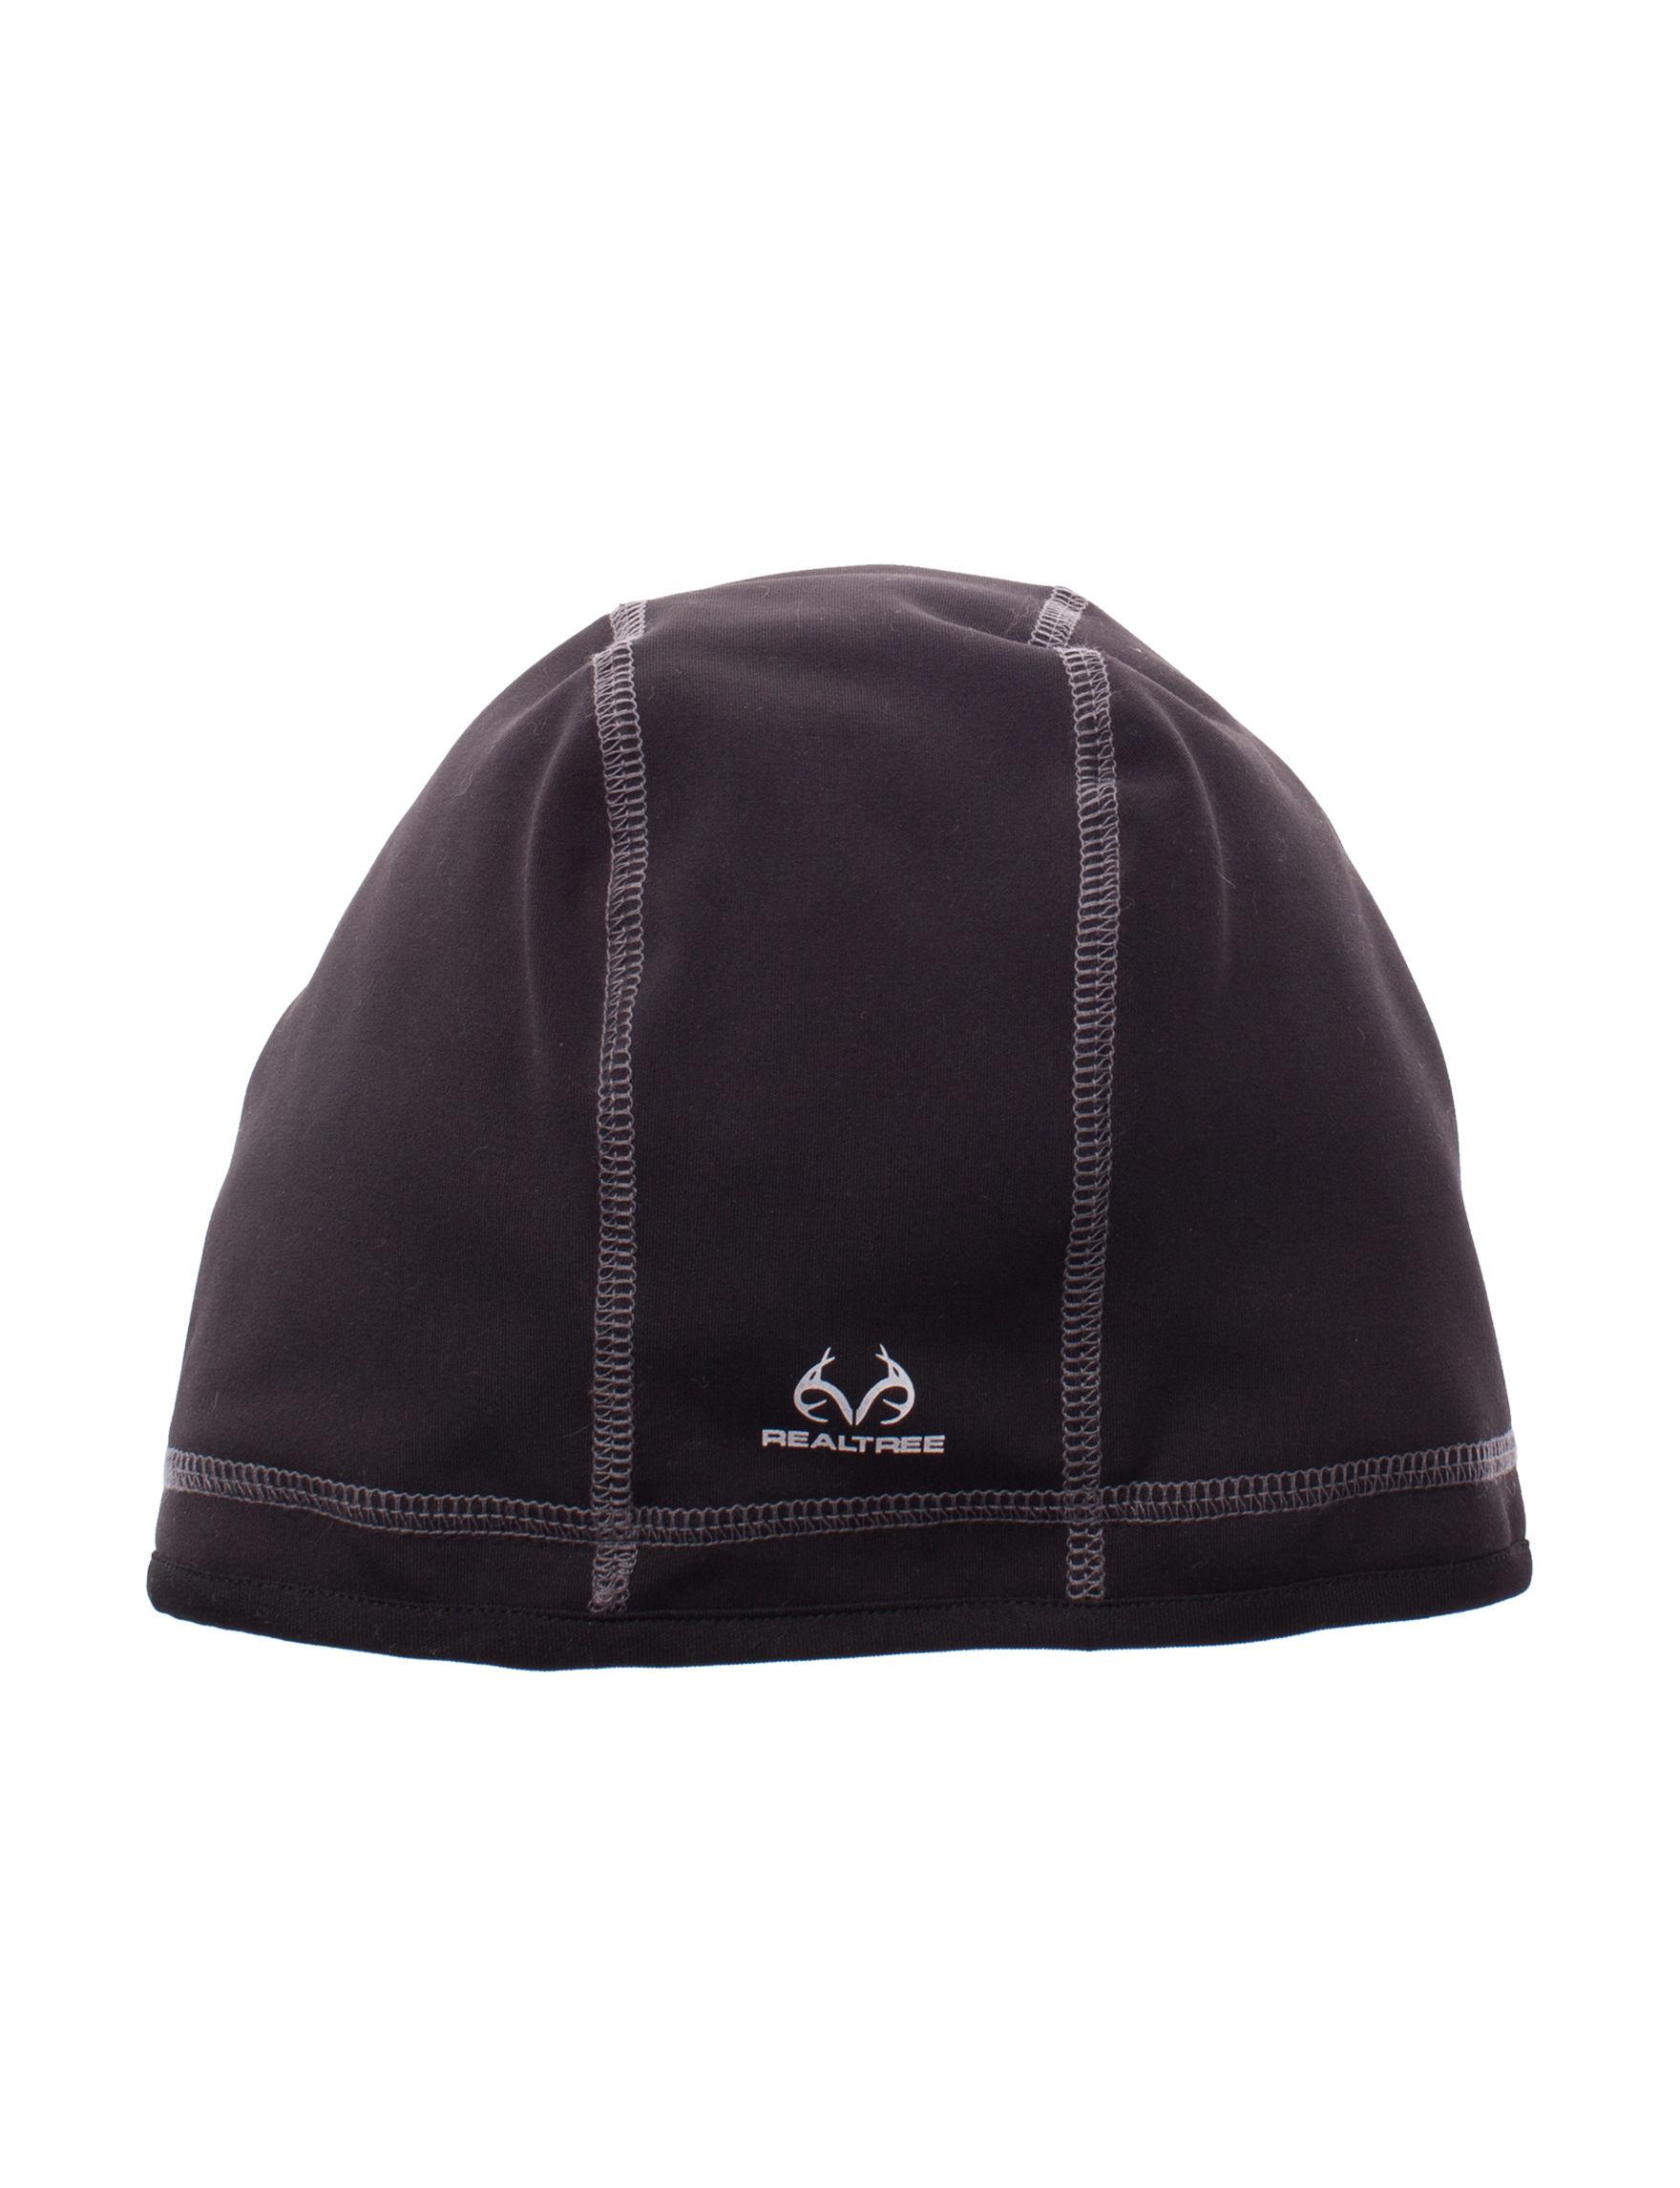 Realtree Black Hats & Headwear